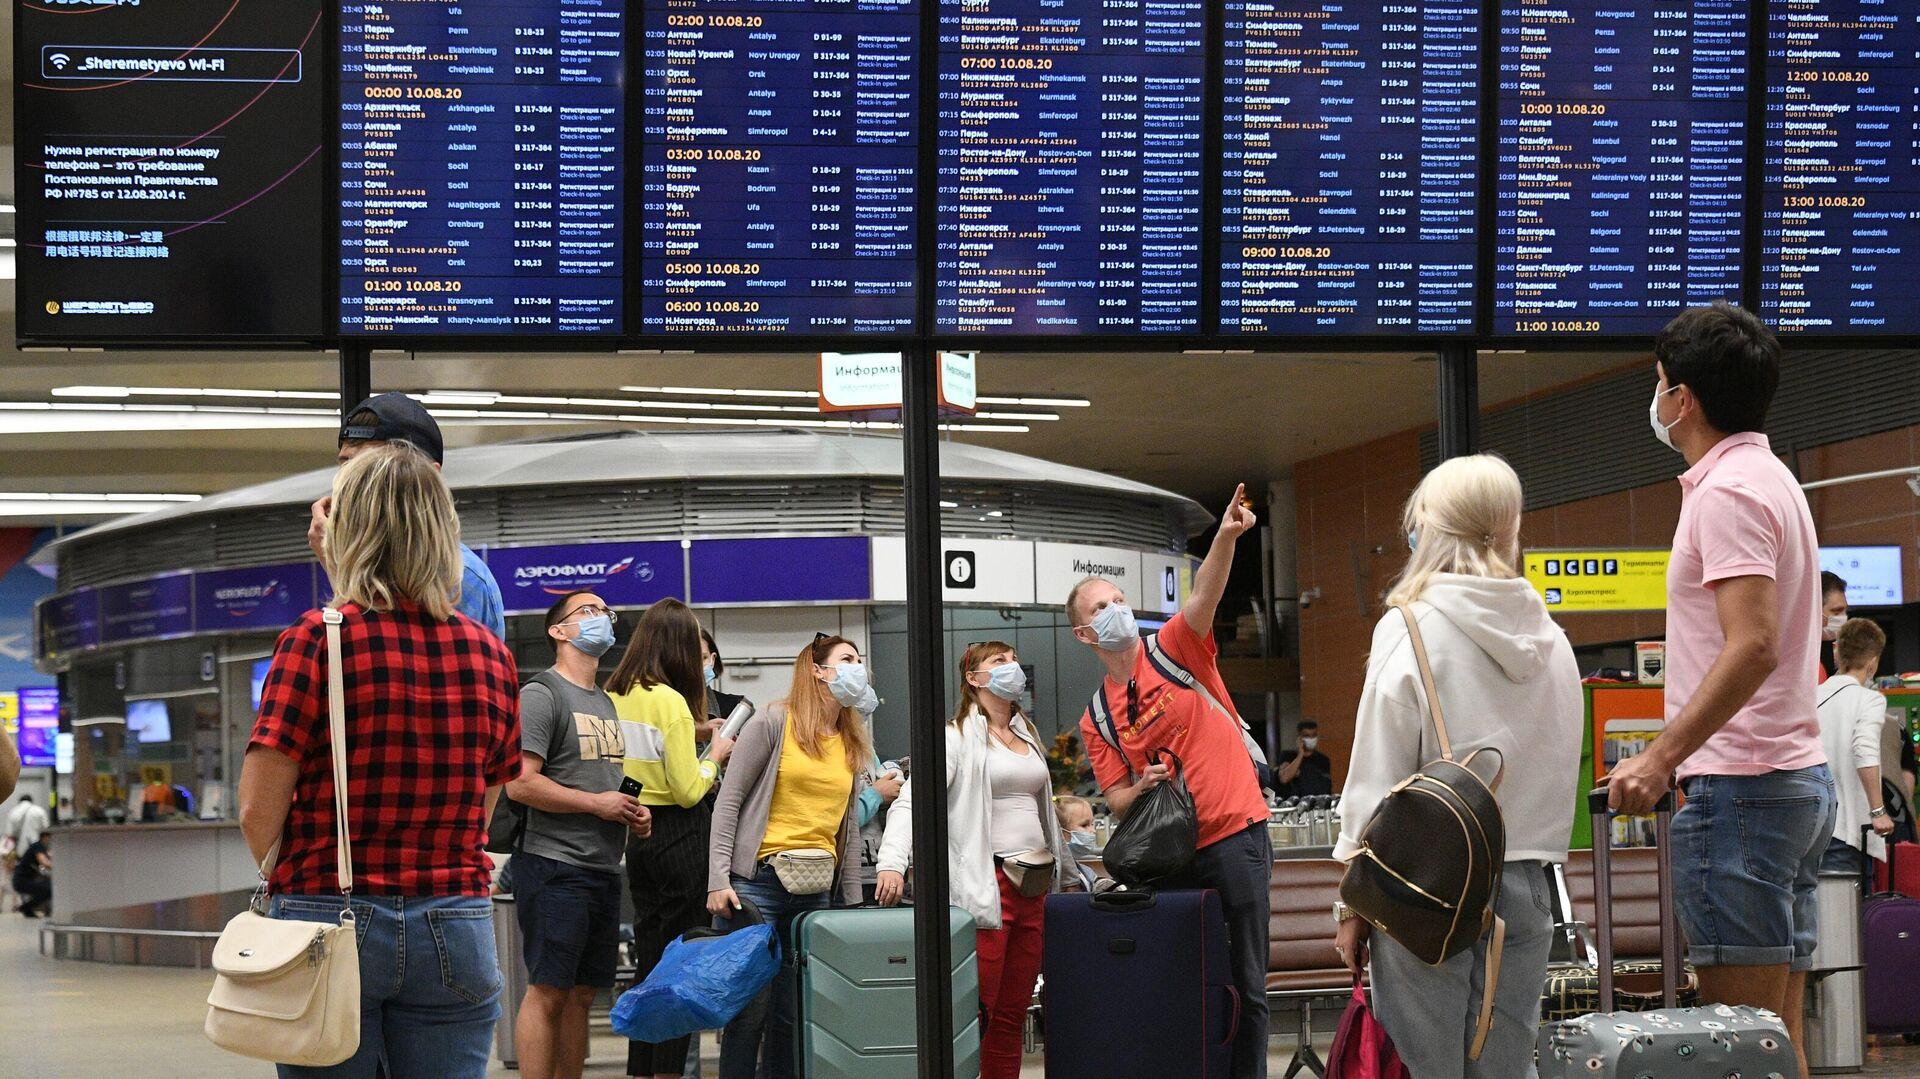 Пассажиры в международном аэропорту Шереметьево - РИА Новости, 1920, 03.08.2021